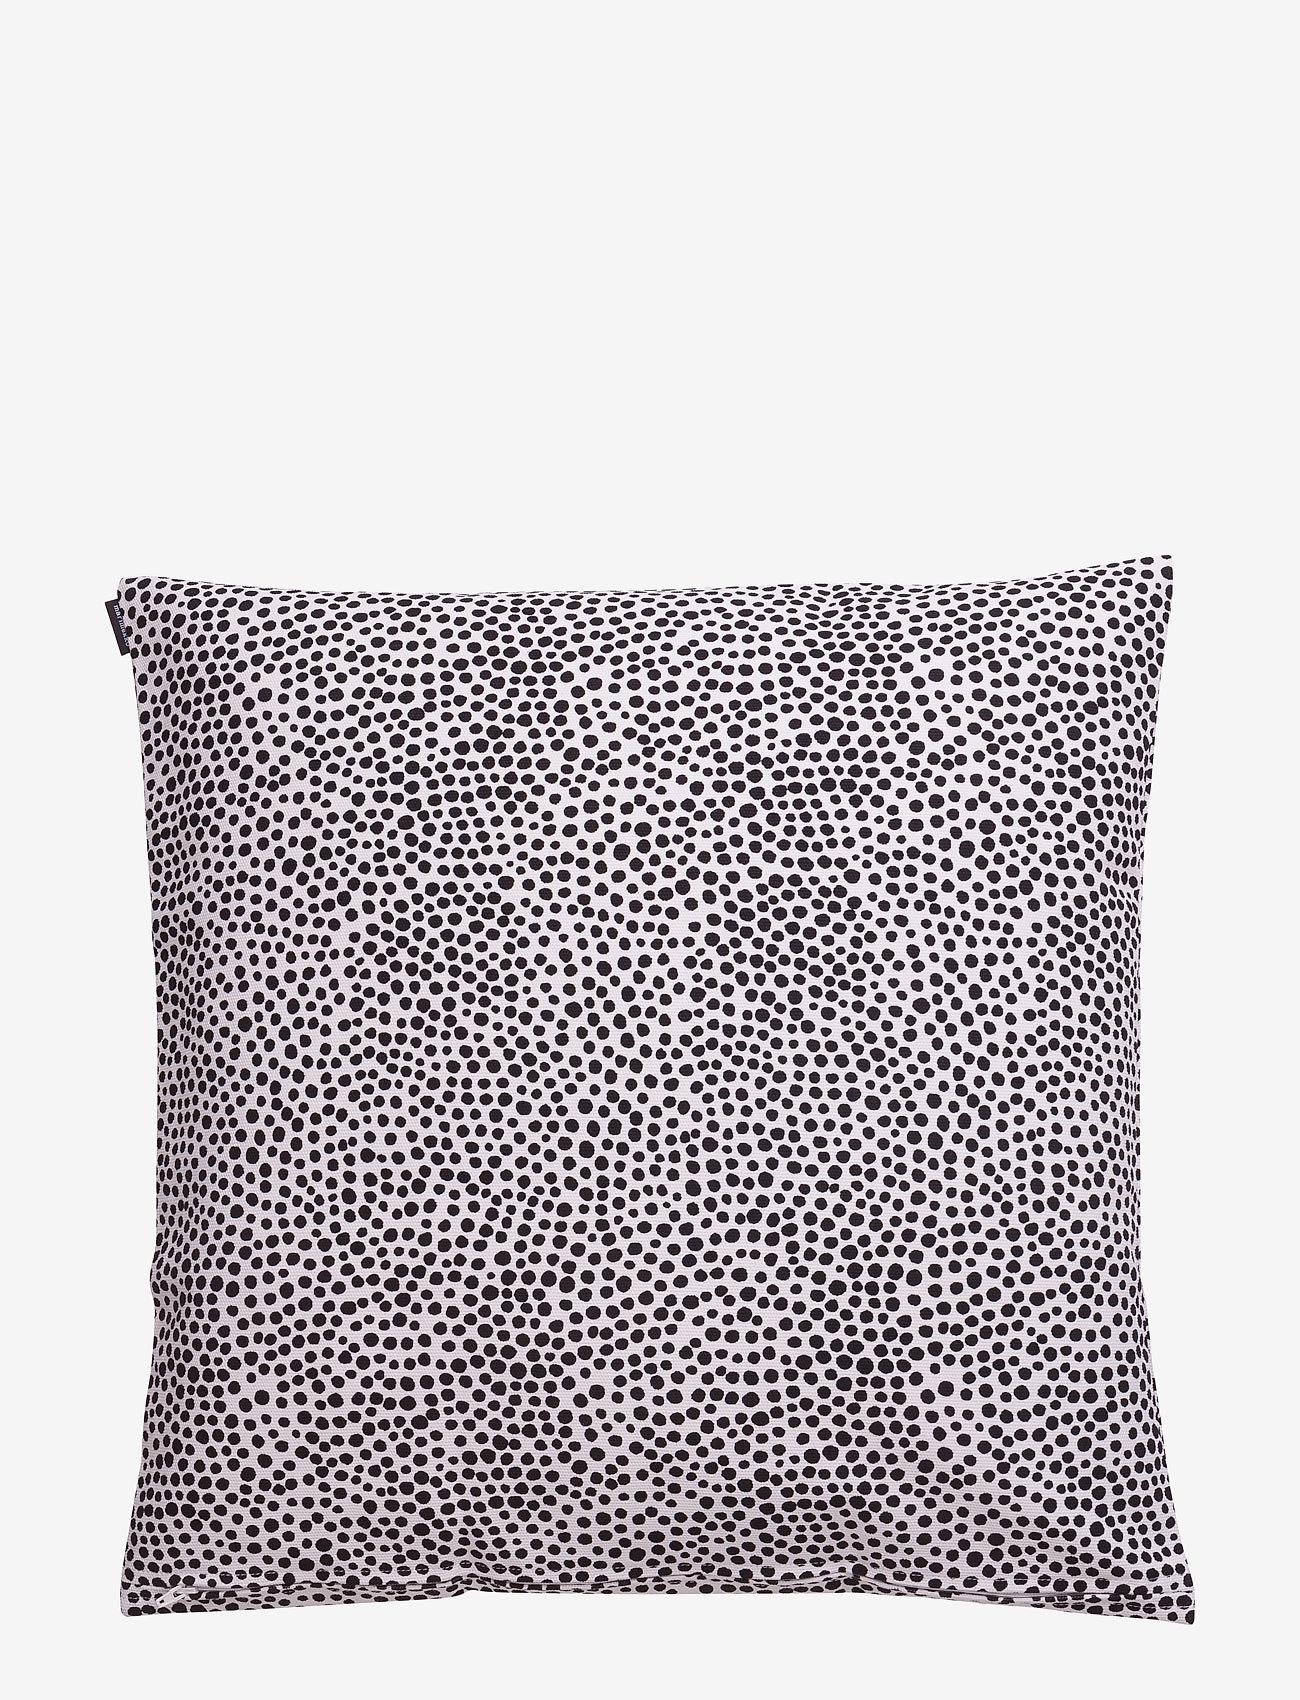 Marimekko Home - PIRPUT PARPUT CUSHION COVER - poszewki na poduszki ozdobne - white,black - 1